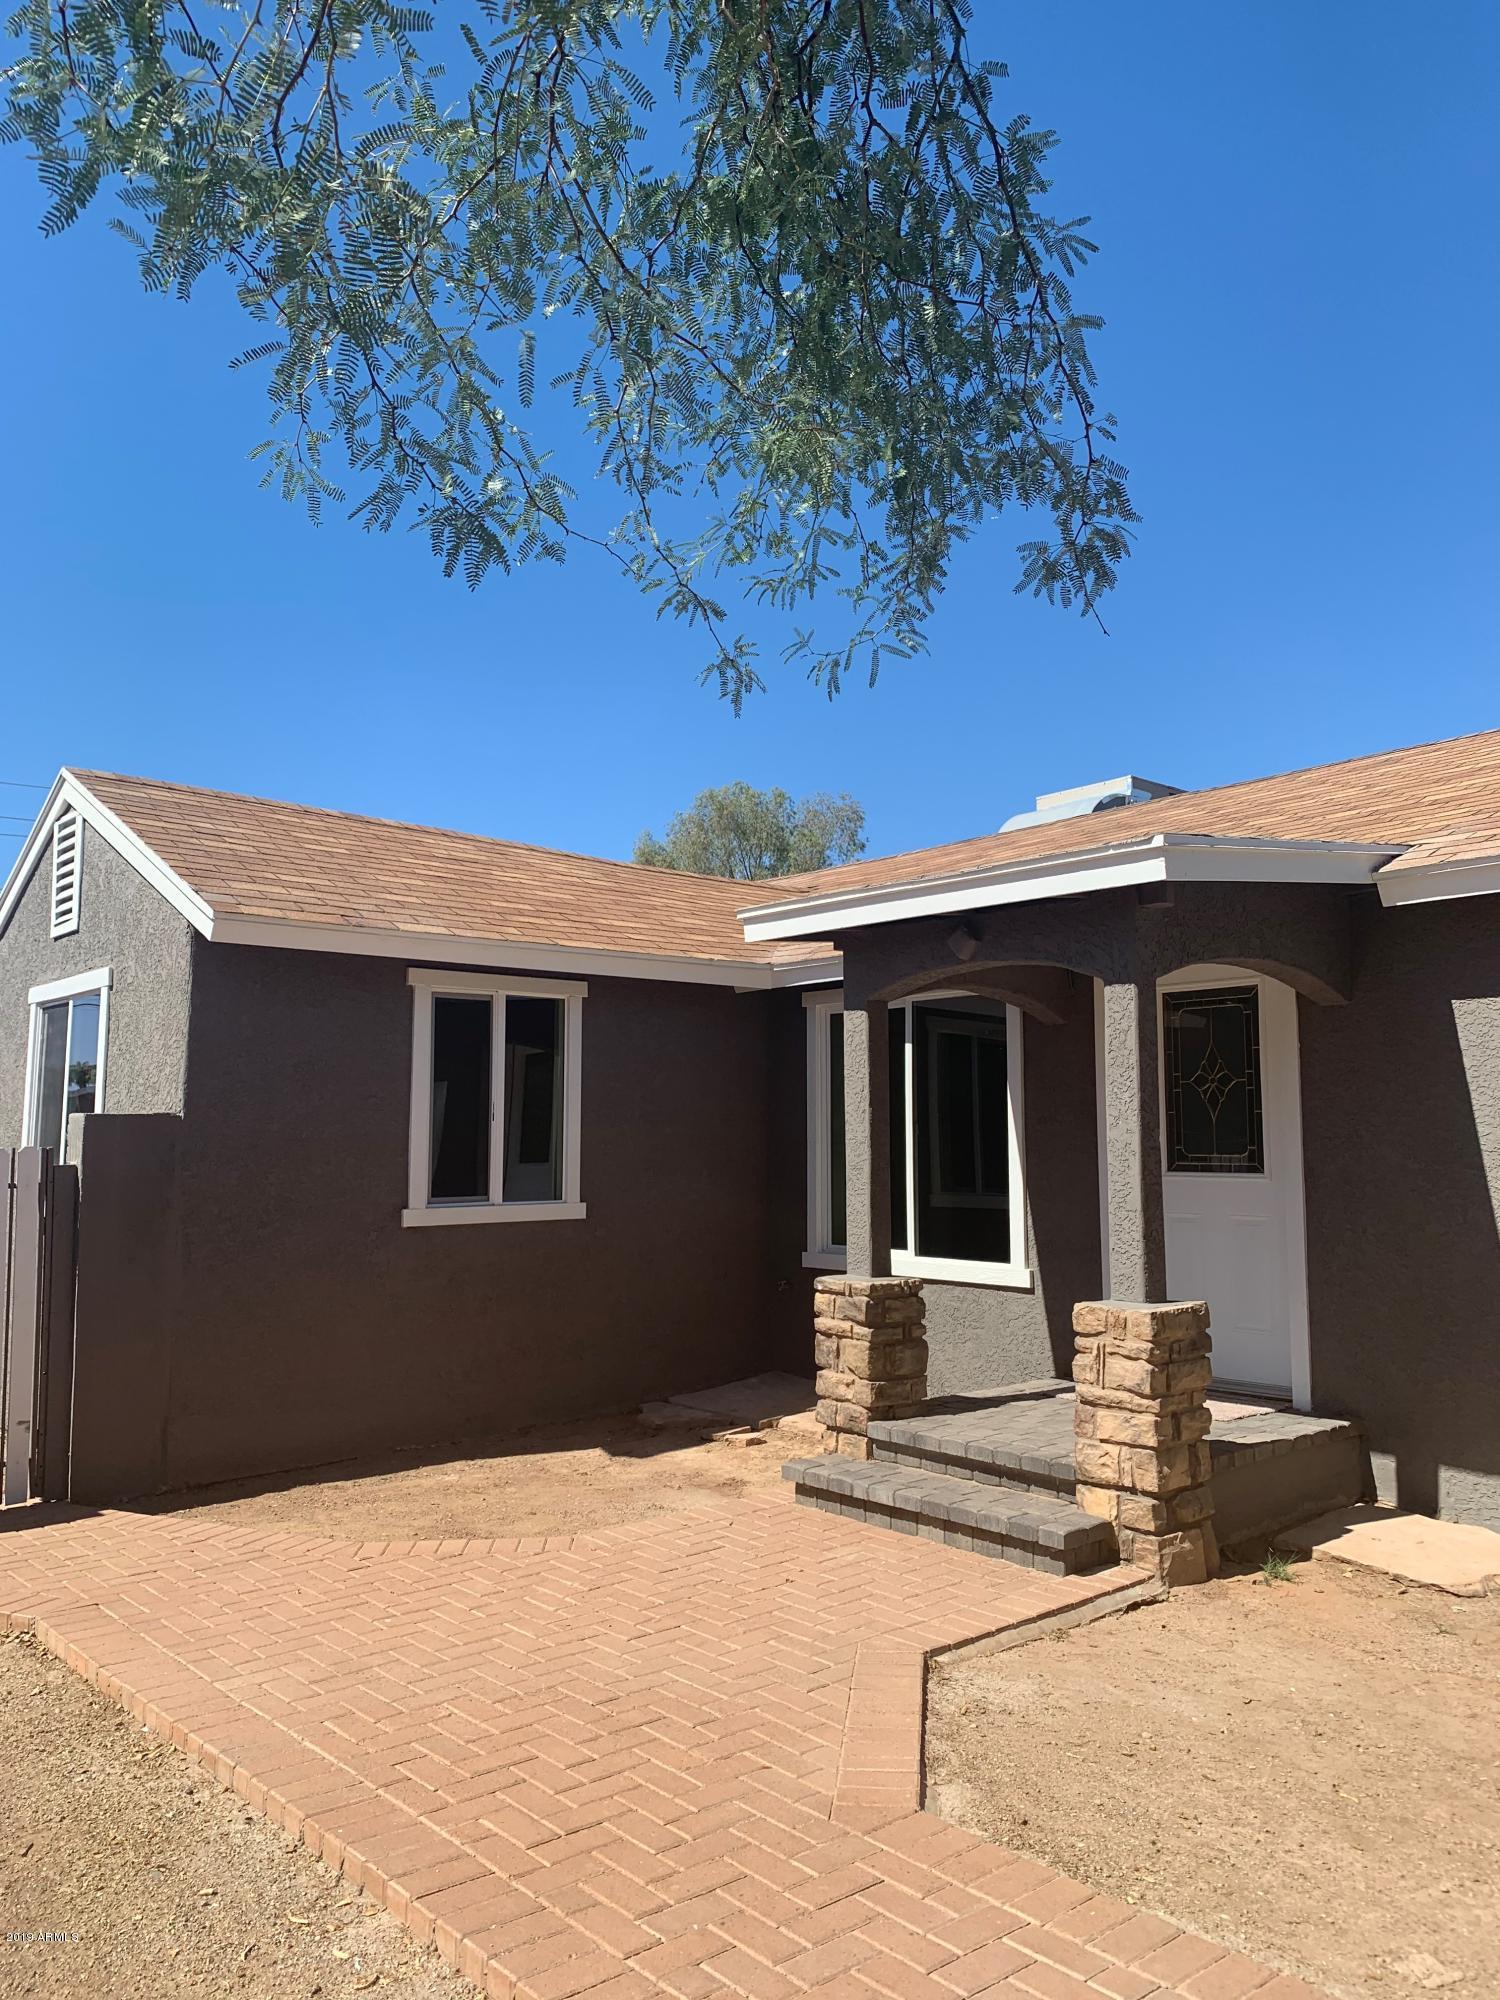 Photo of 354 N DELAWARE Street, Chandler, AZ 85225